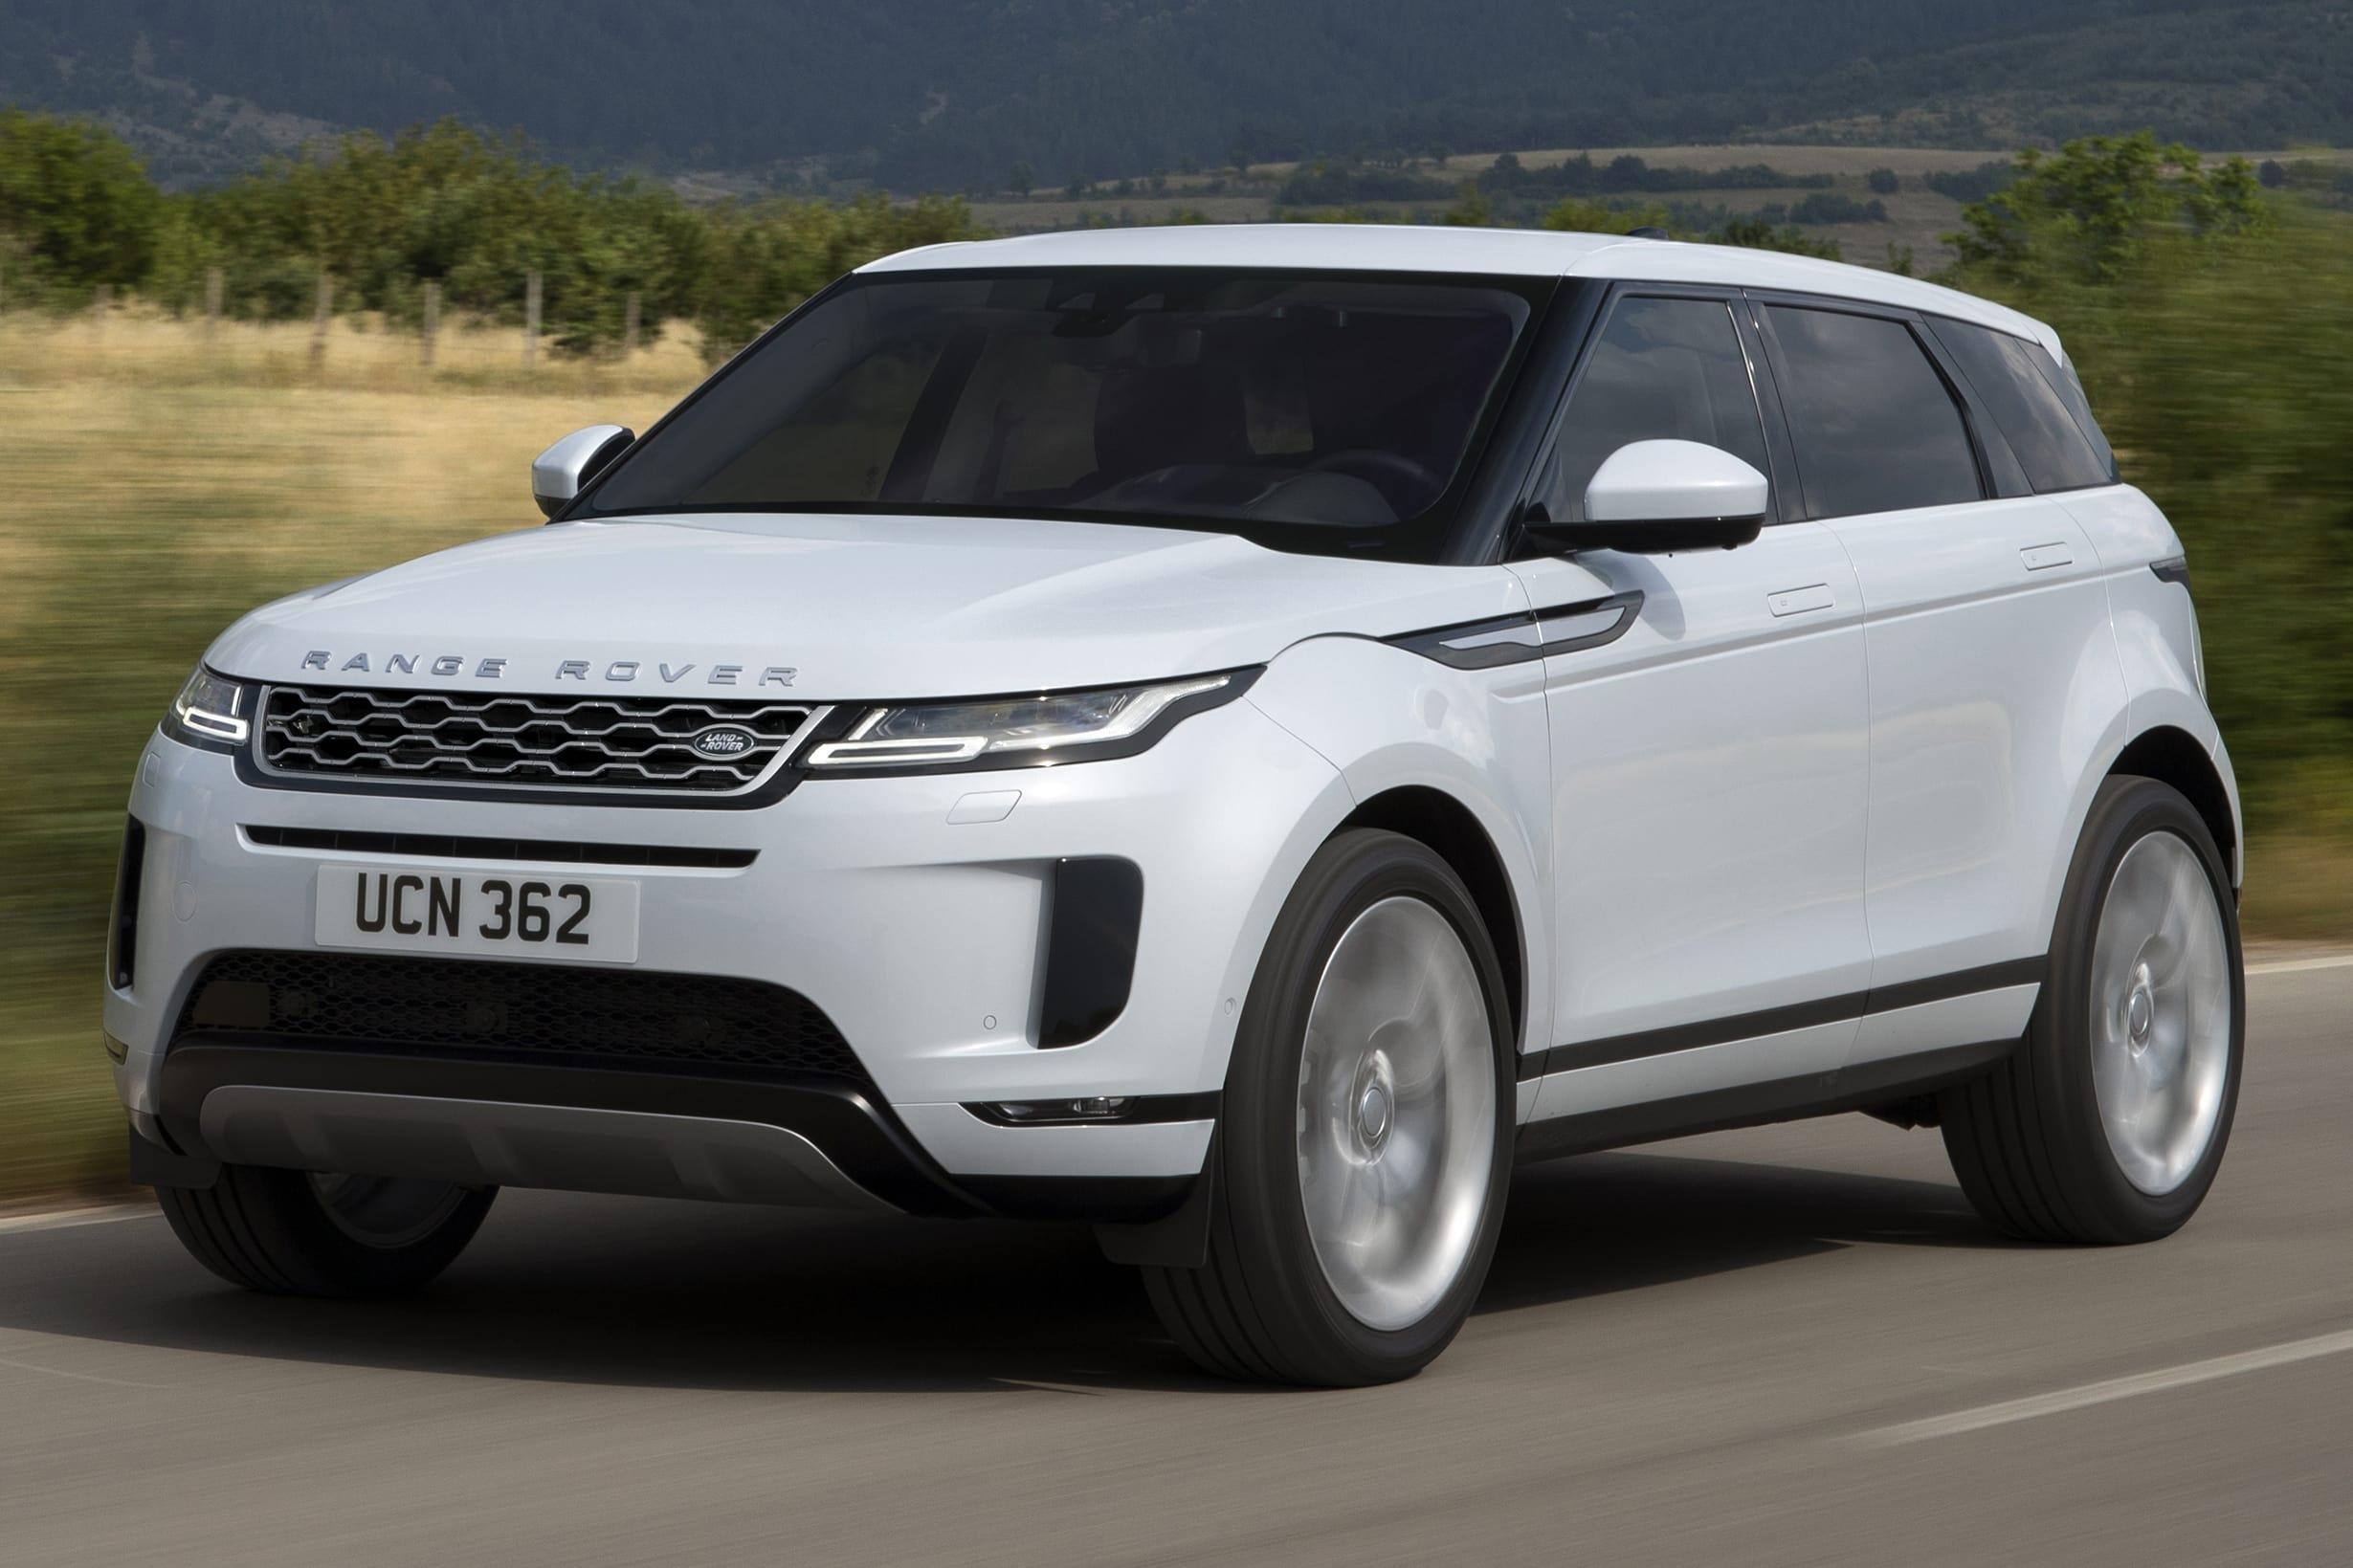 Range Rover Evoque 2019 revealed - Car News | CarsGuide